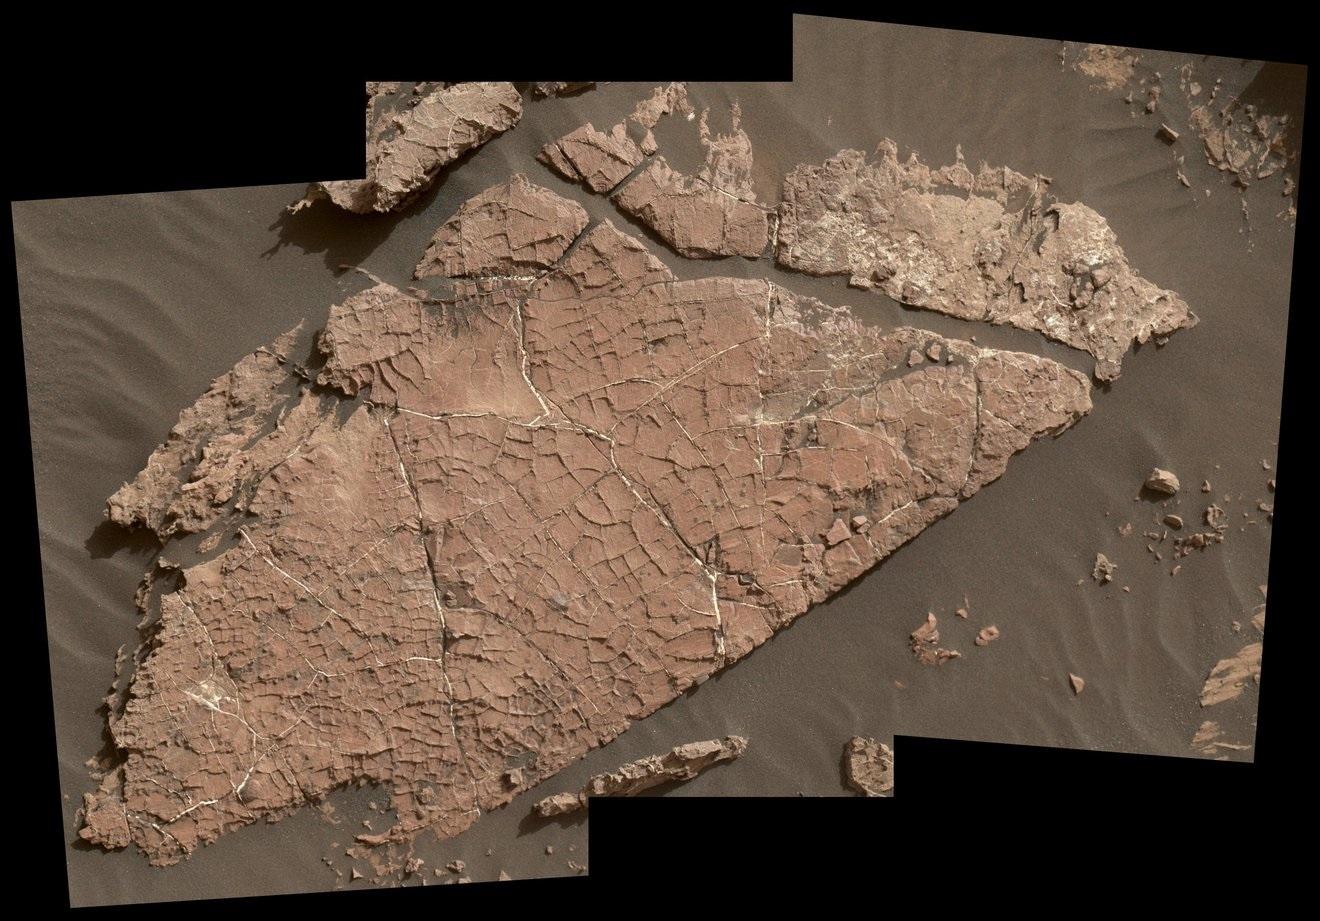 Sonda Curiosity descobre que evidências de vida em Marte podem ter sido apagadas - 2